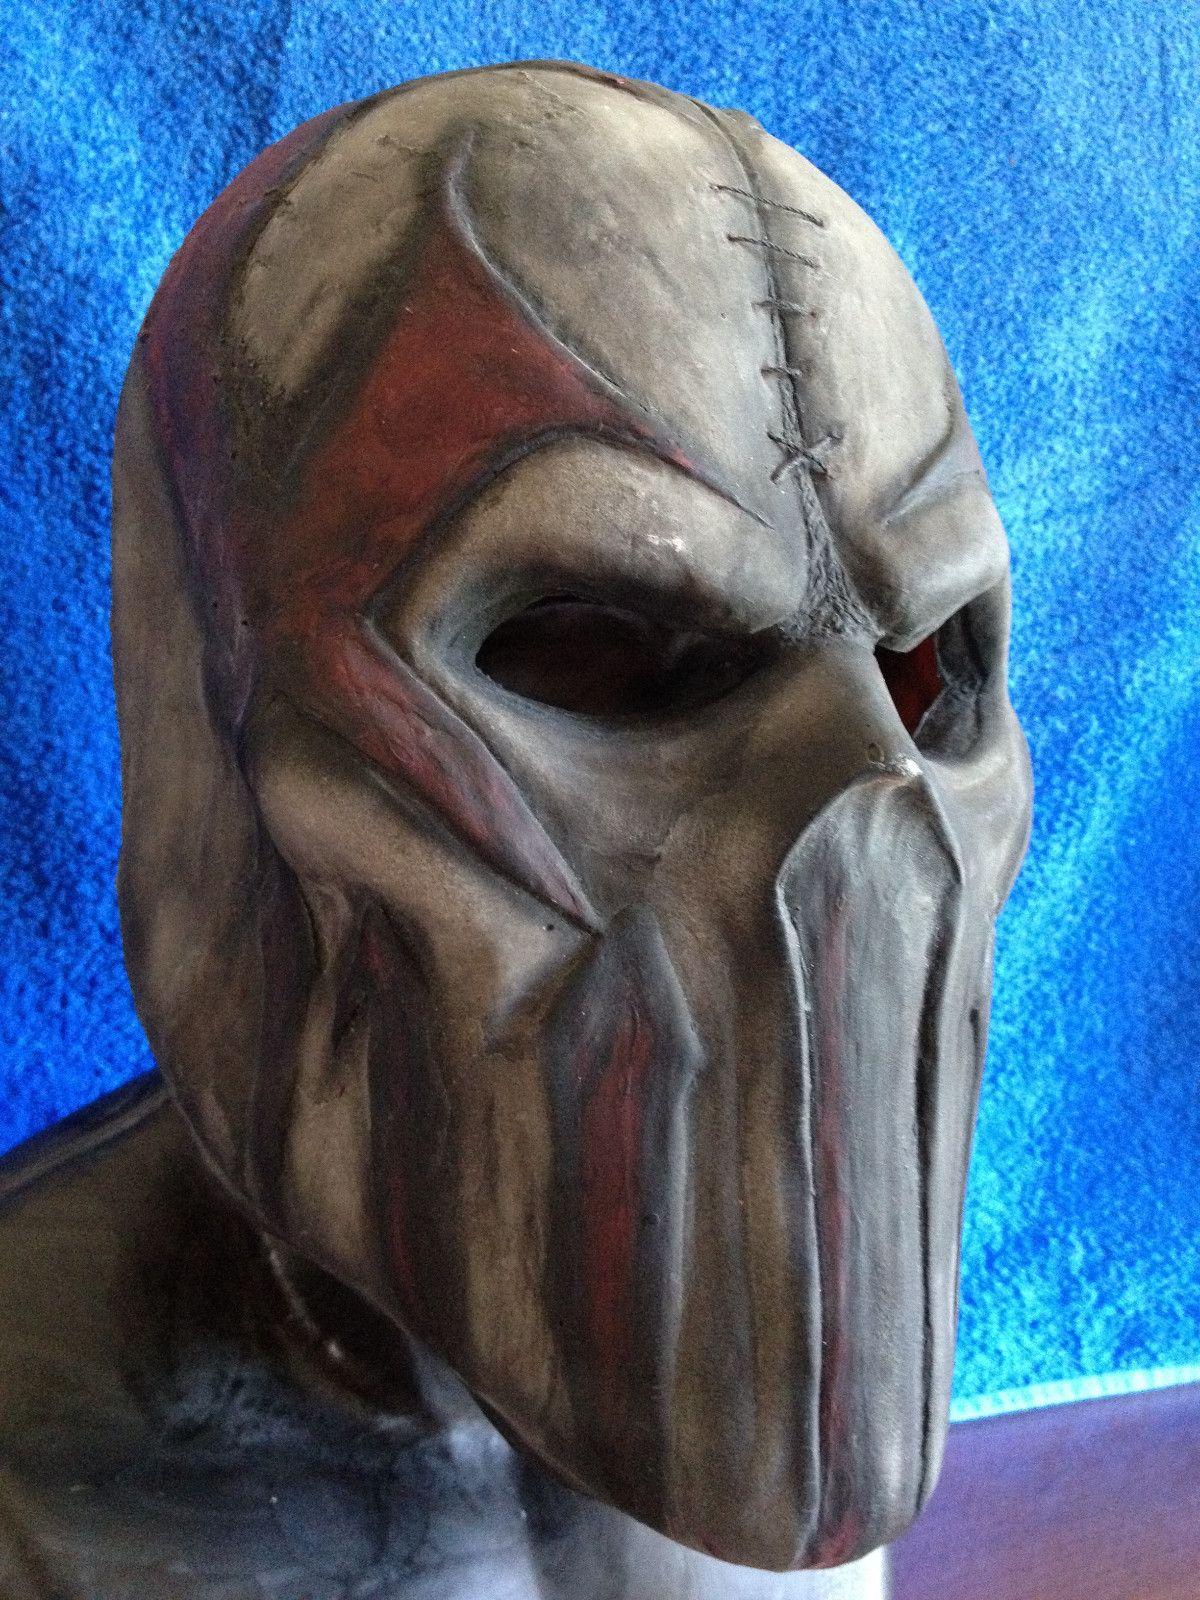 Mushroomhead Slipknot mask #sculpture   woodcarving   Pinterest ...